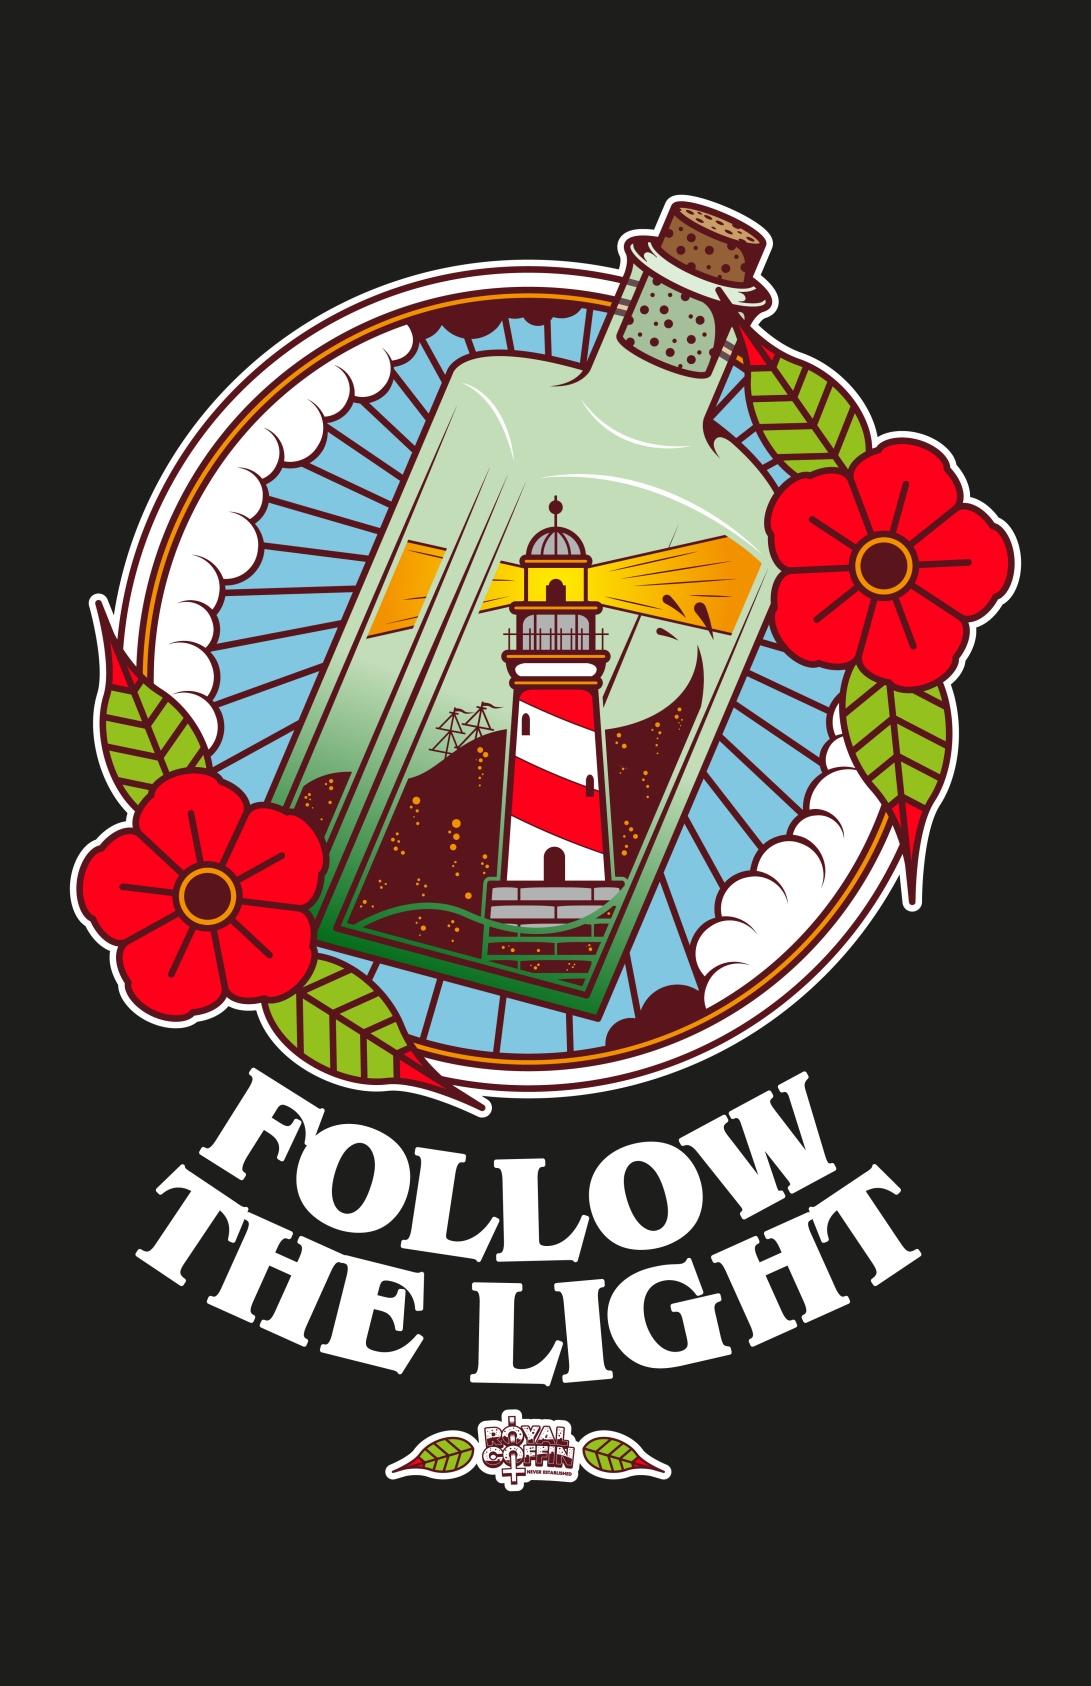 followthelightklar